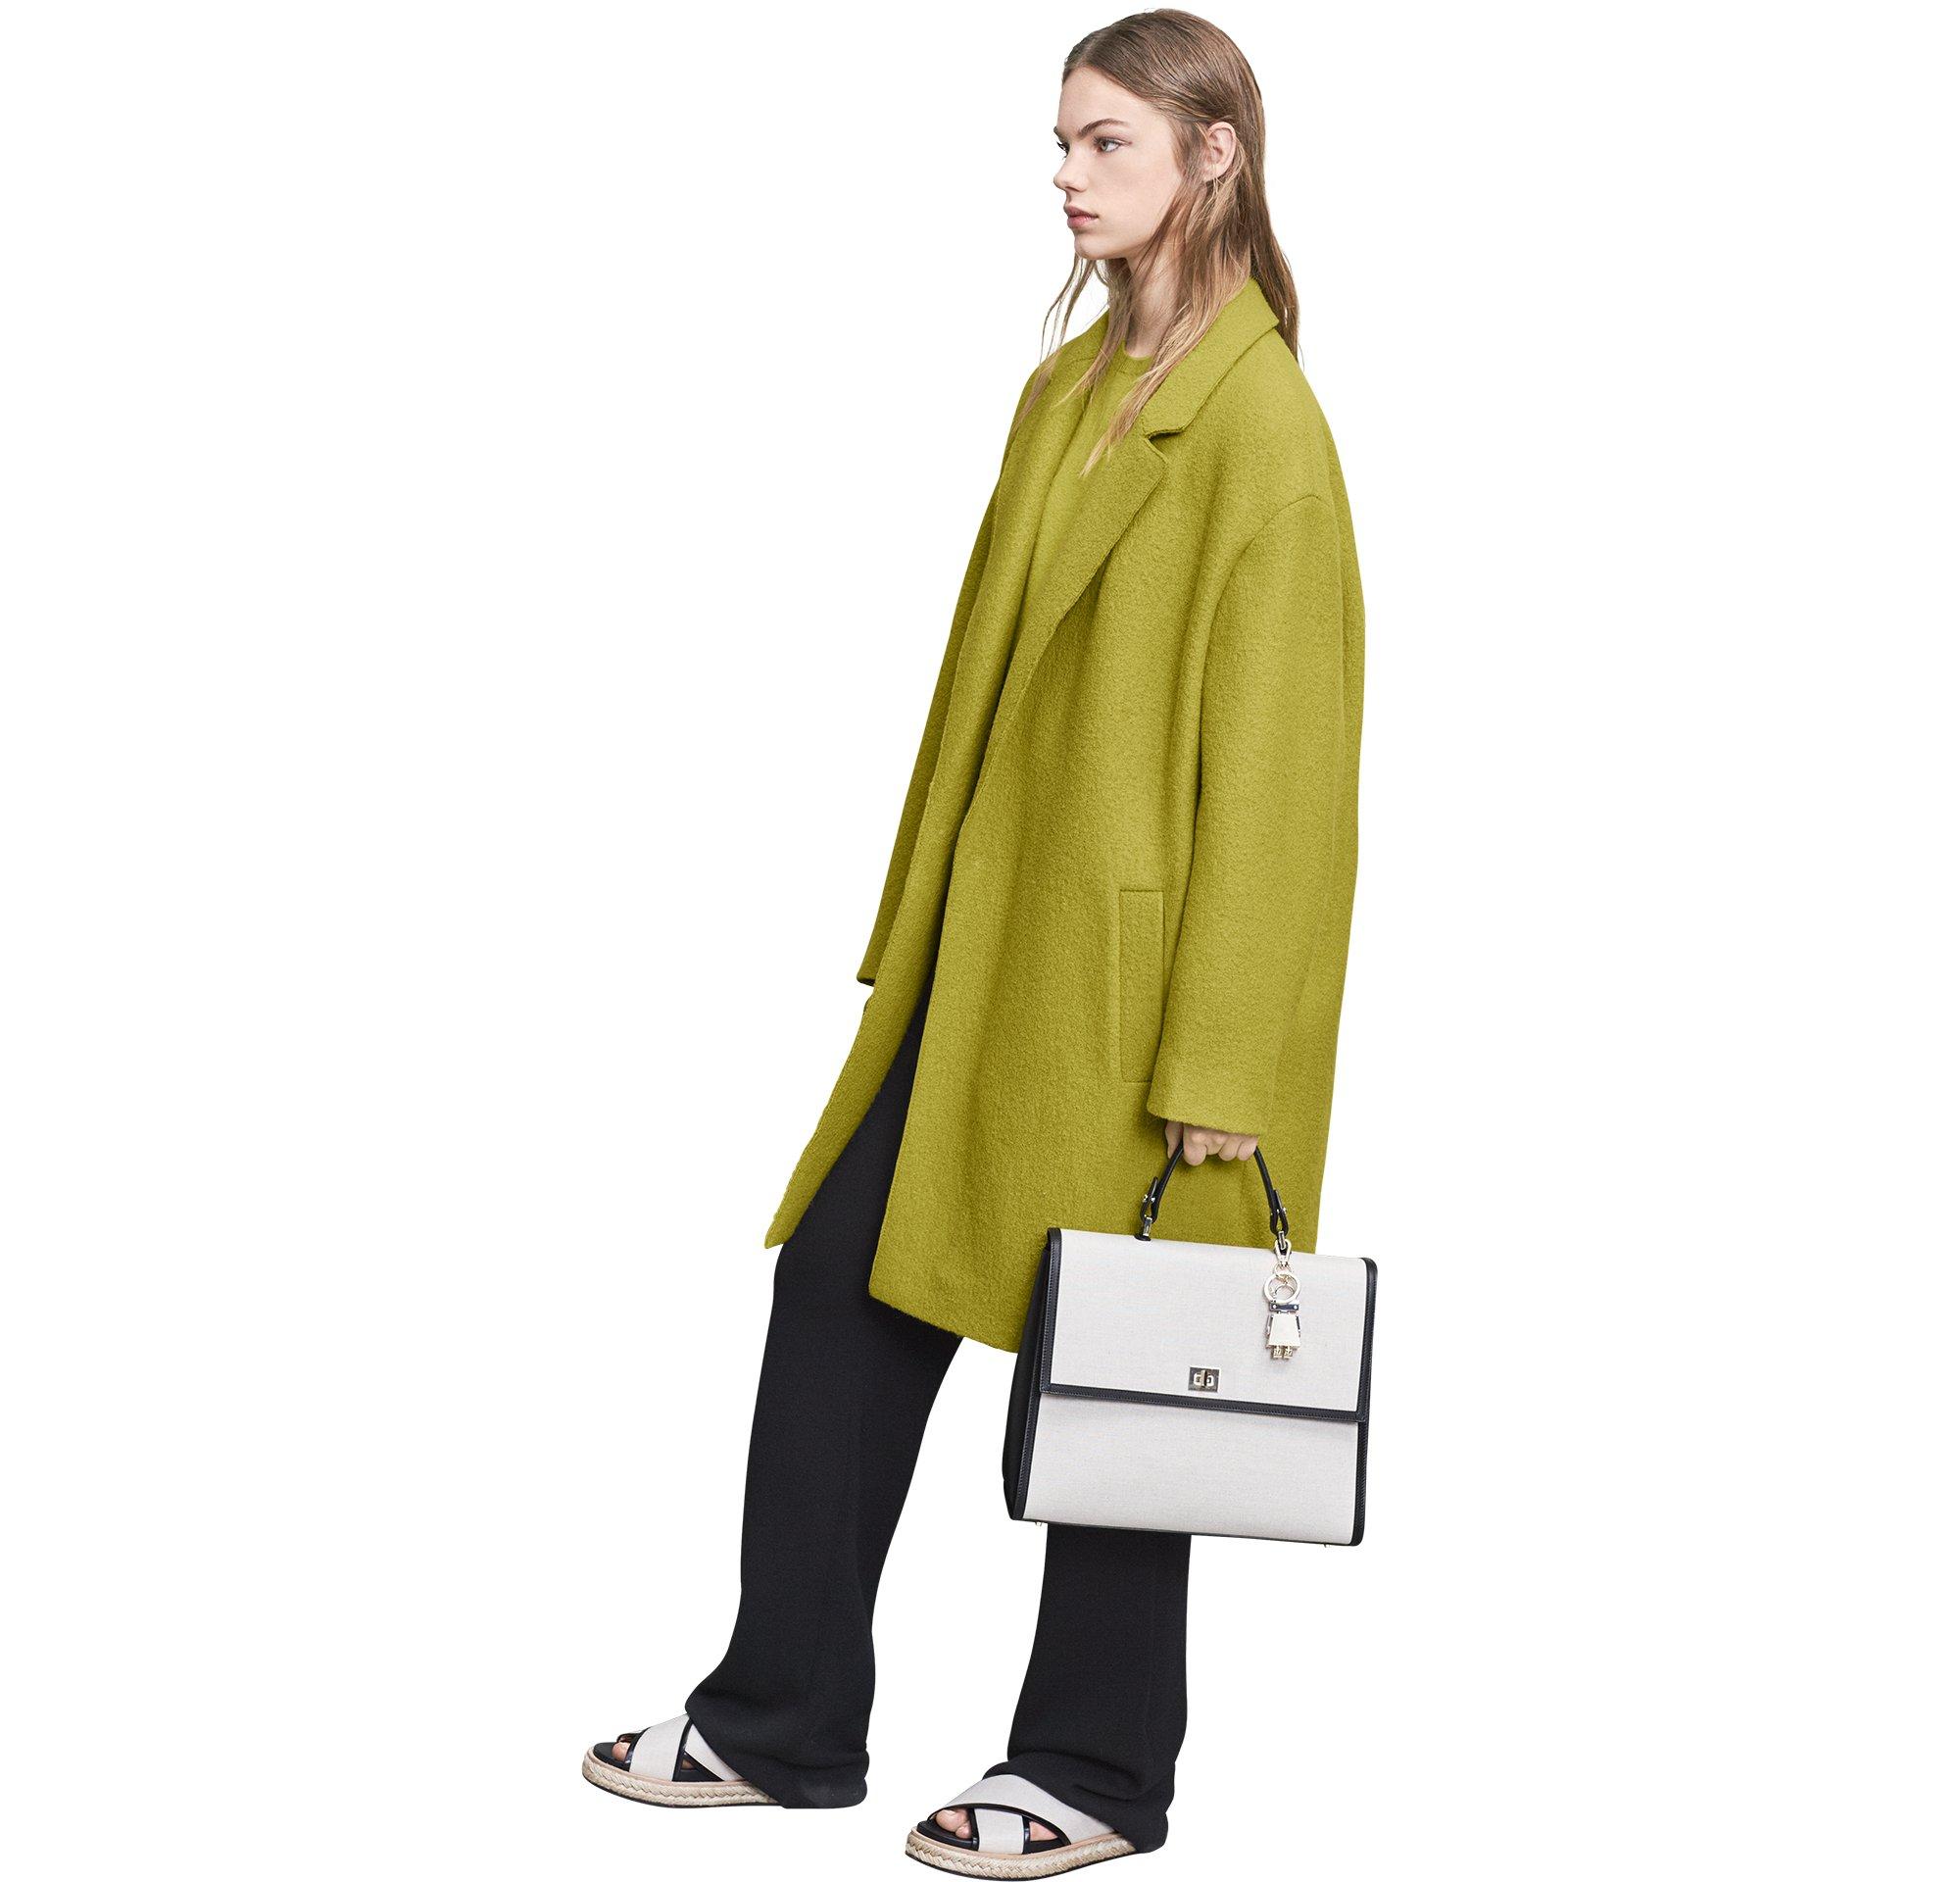 Manteau, pantalon, sac et chaussures BOSS Femme